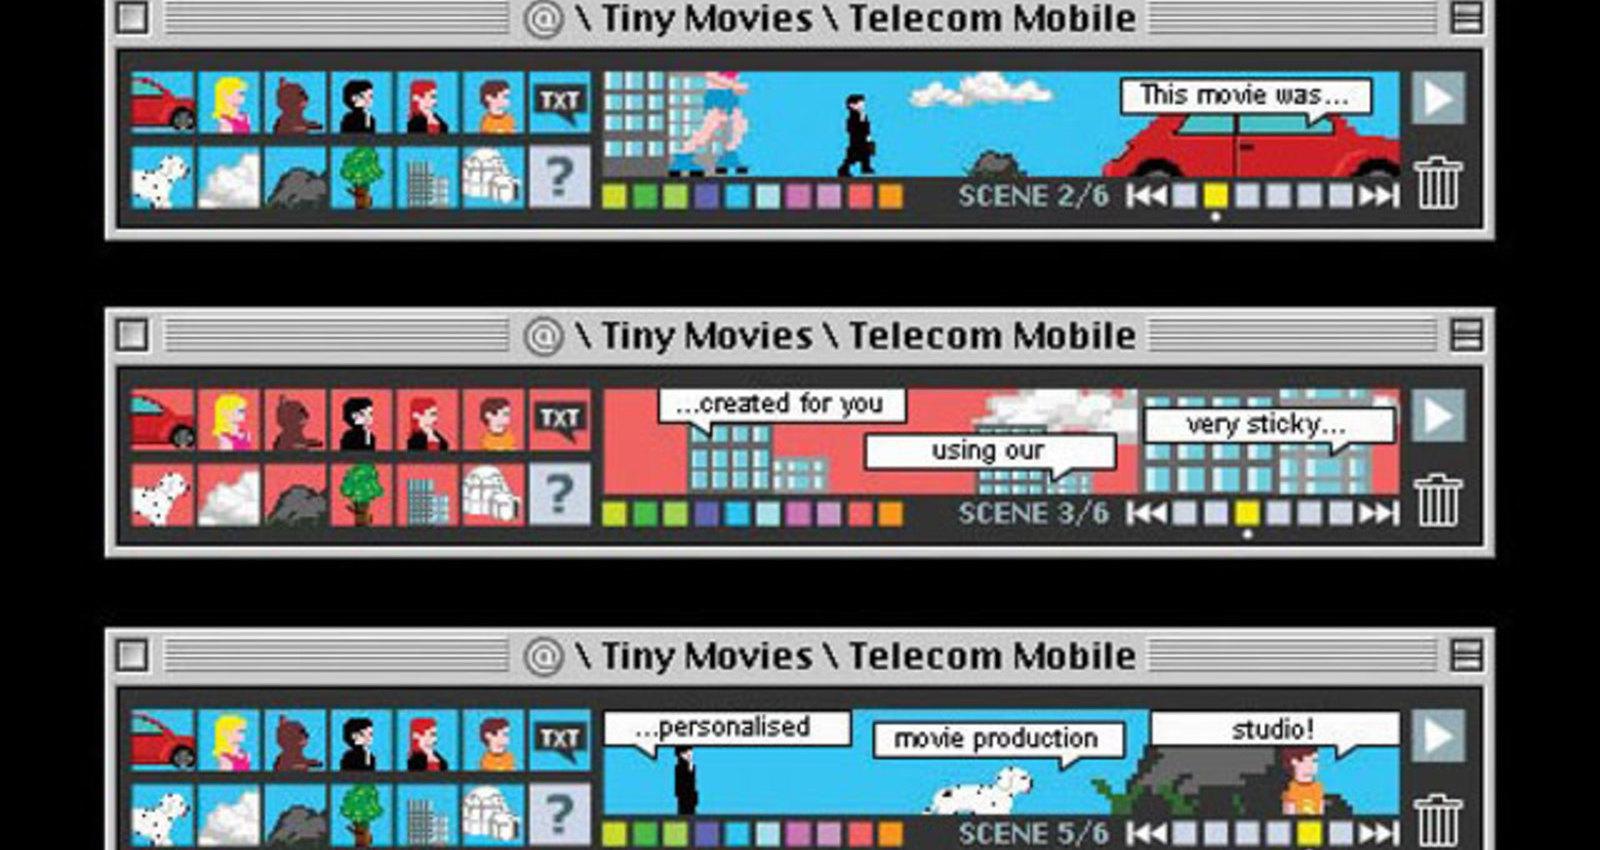 Tiny Movies